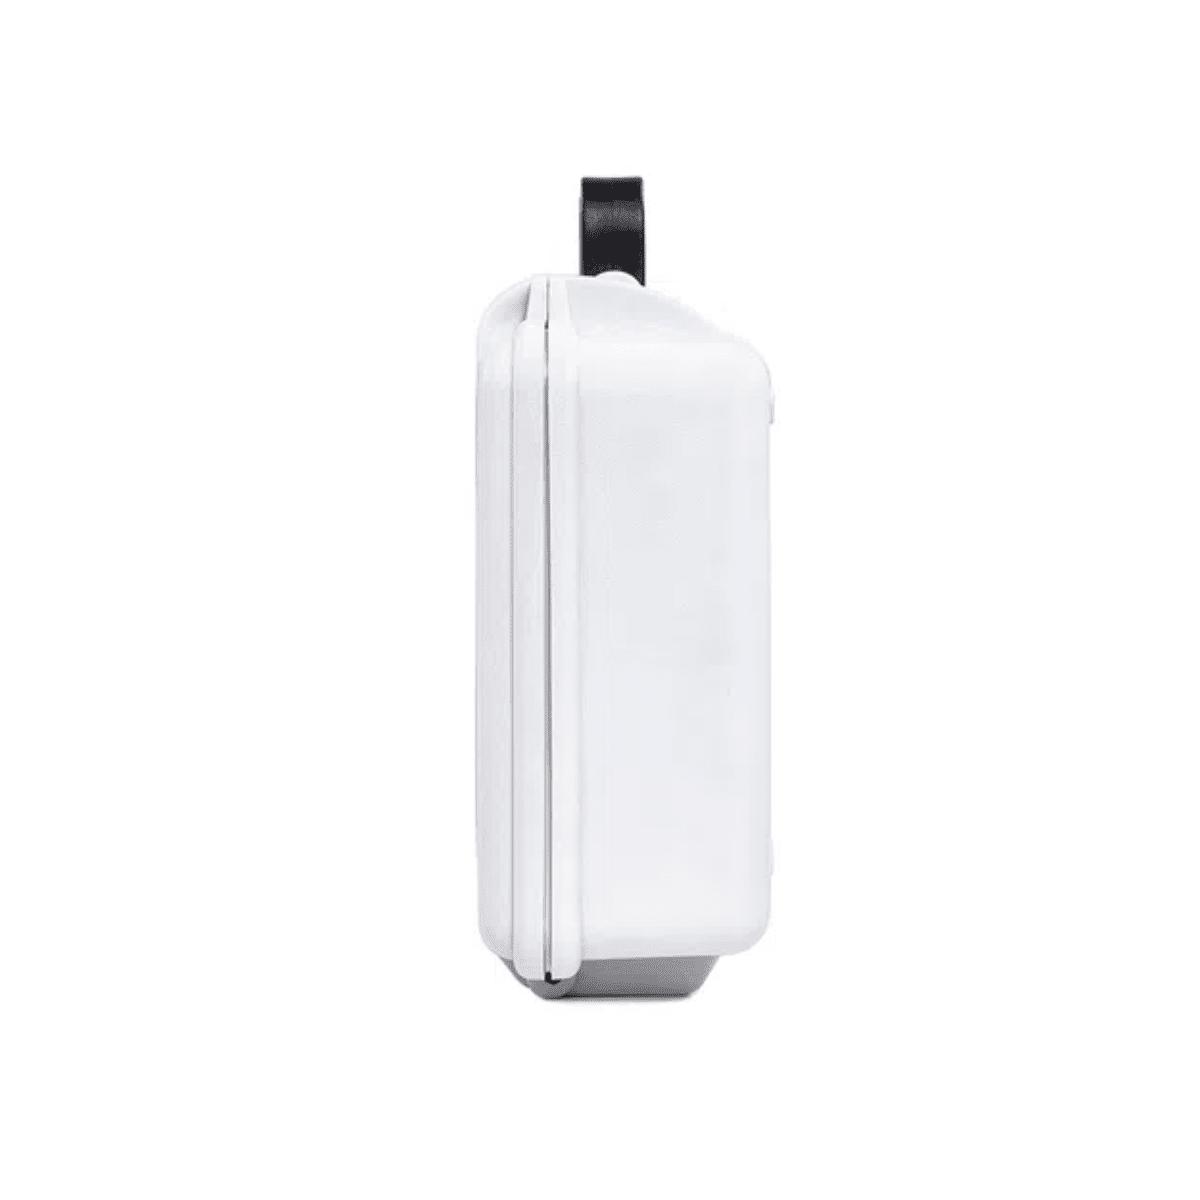 Maleta Plástica Nano Branca